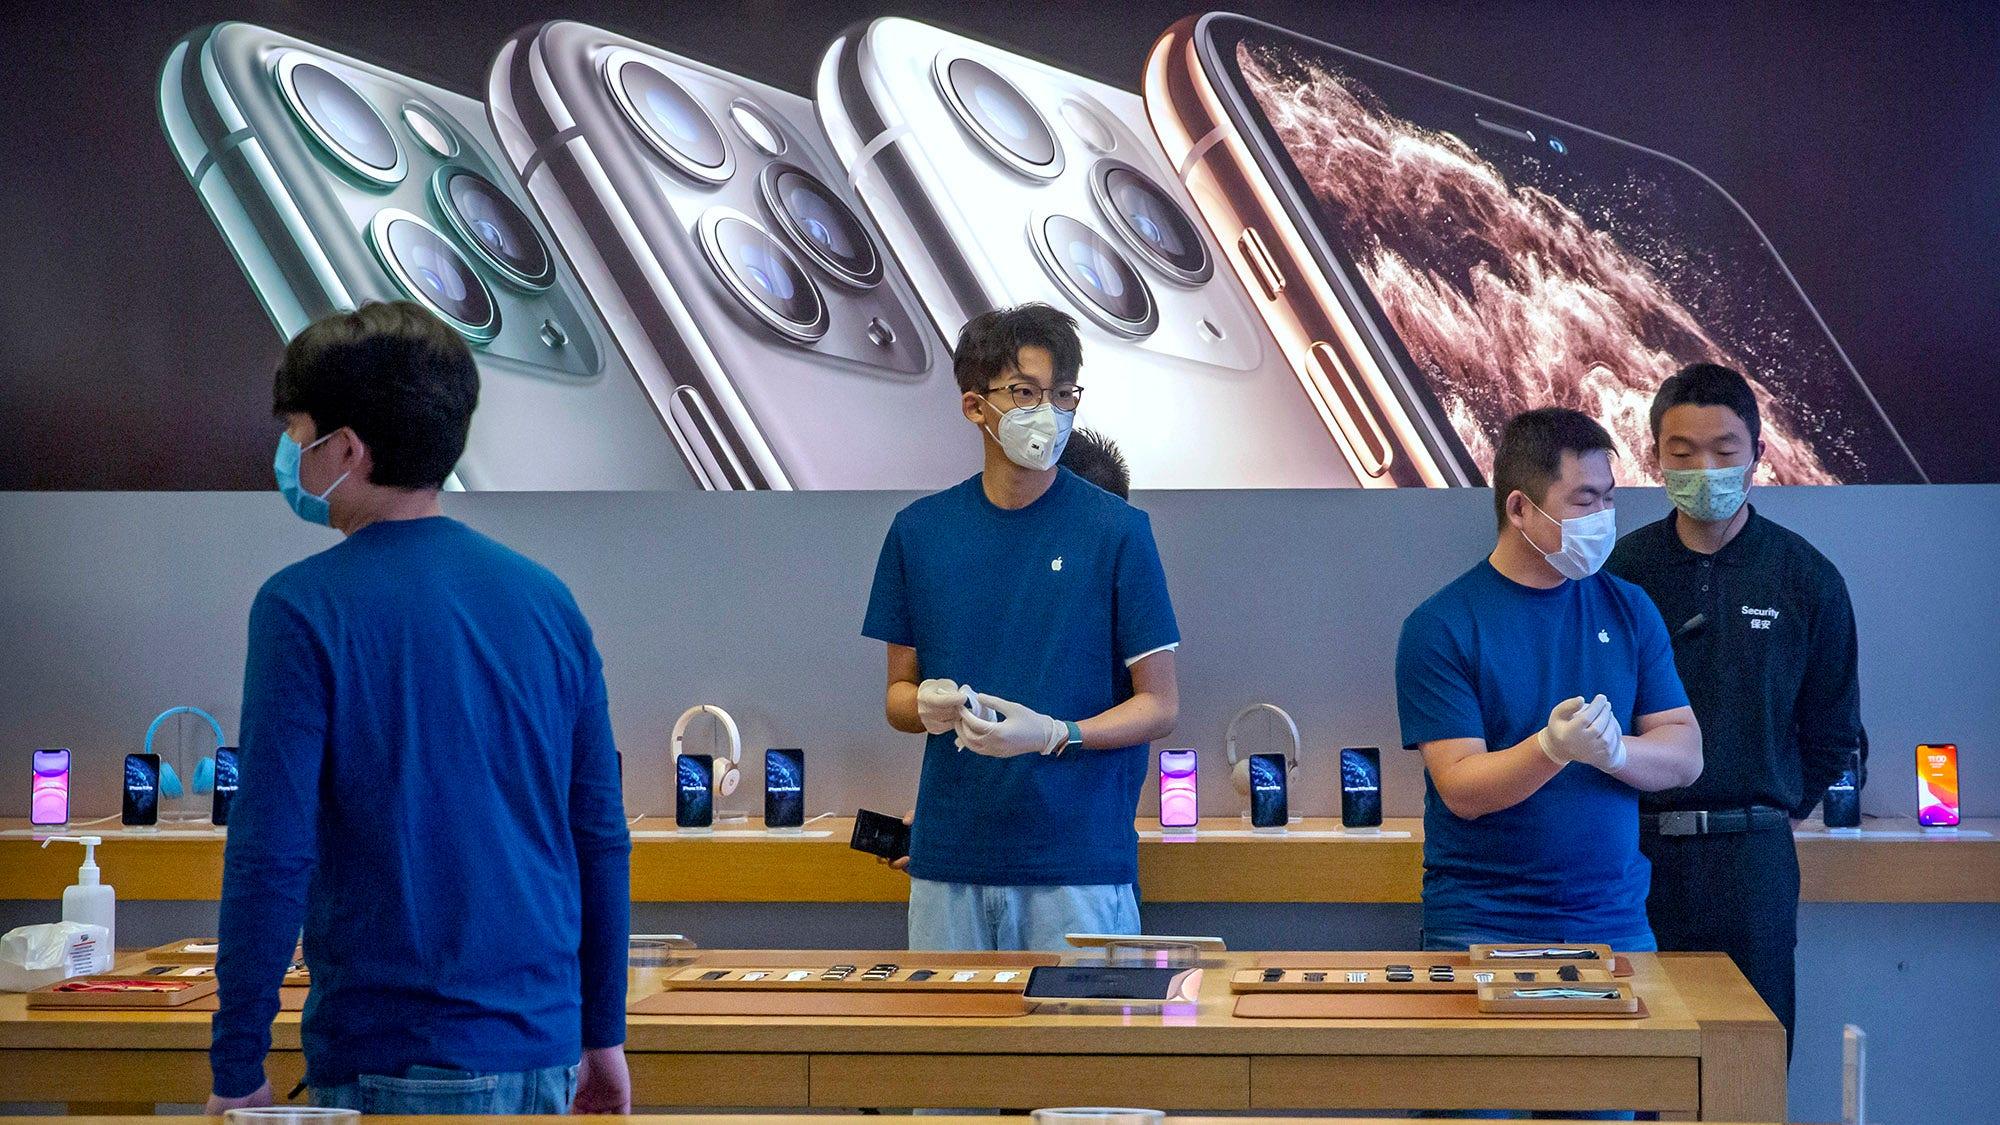 Apple's coronavirus problems may just be starting